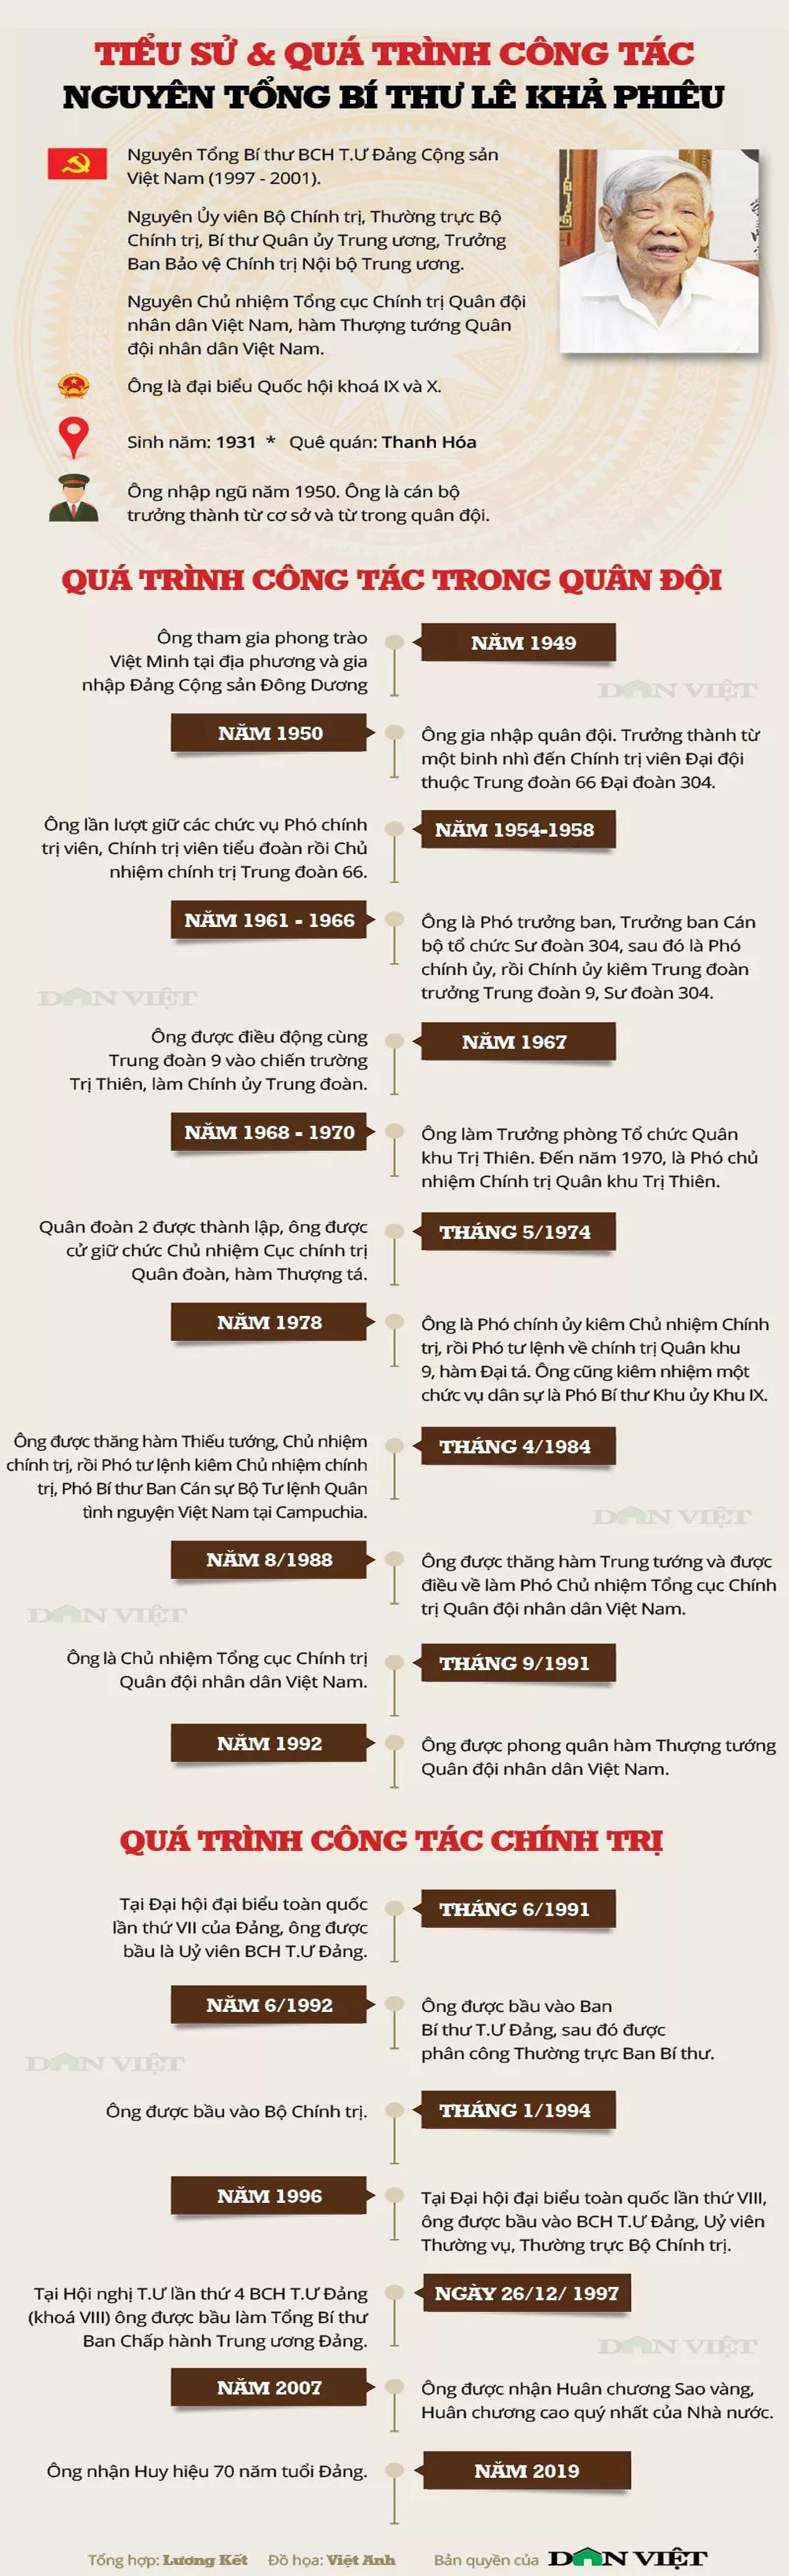 Infographic về tiểu sử và quá trình công tác của nguyên Tổng Bí thư Lê Khả Phiêu - 1